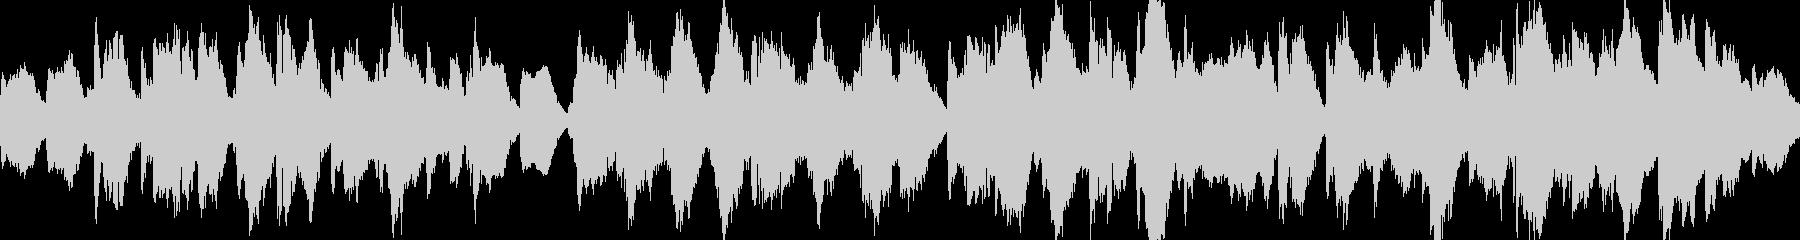 ホラー・魔女の森のオーケストラ・ループ版の未再生の波形